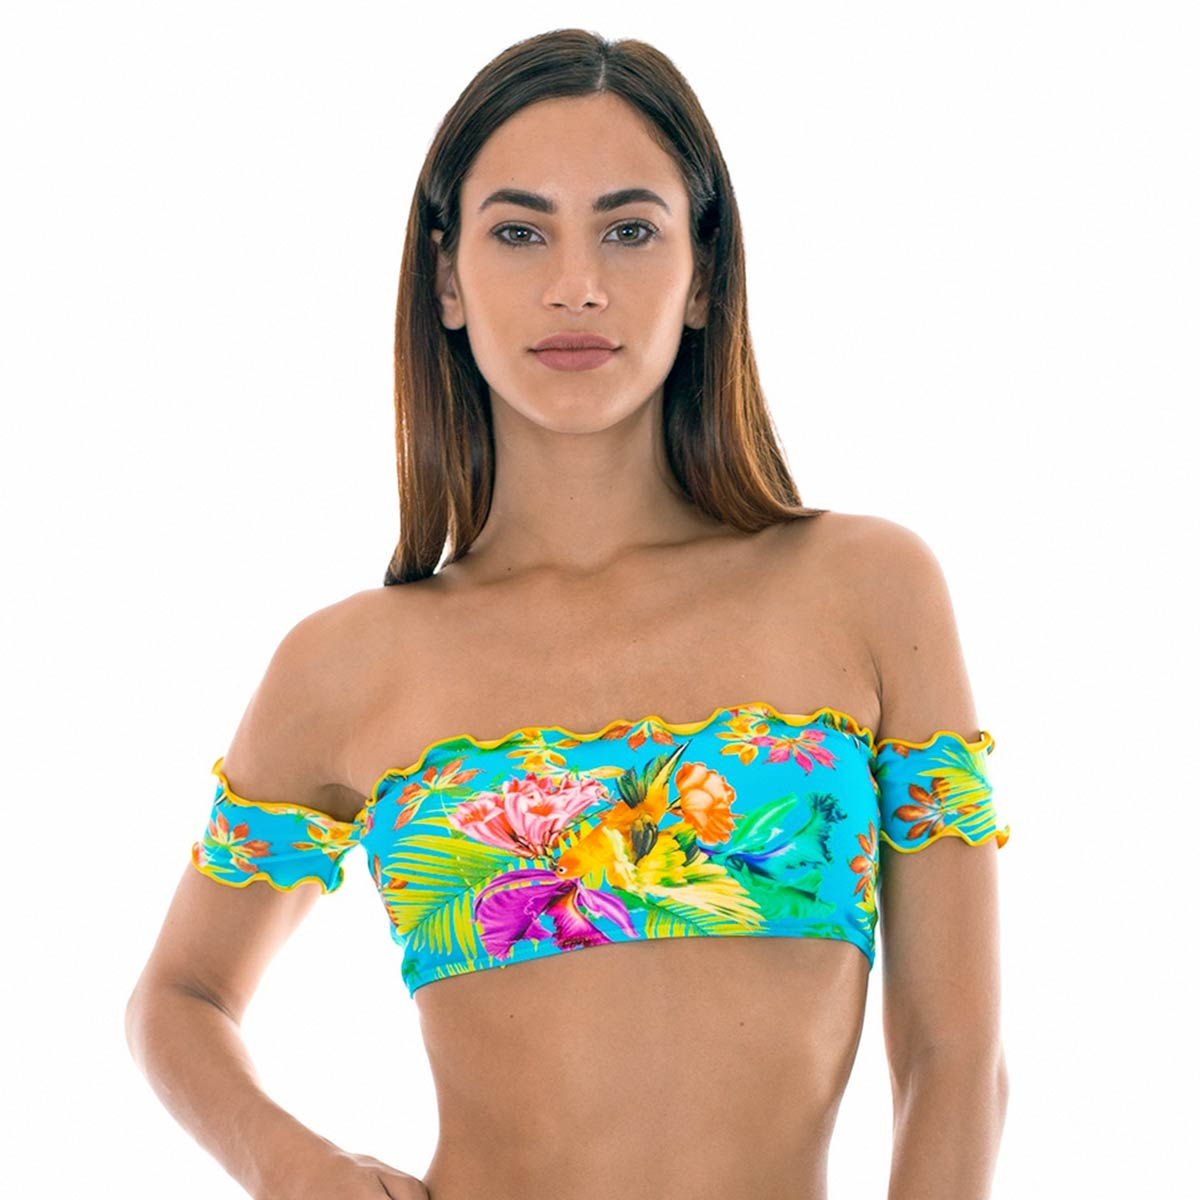 Maillot de bain bandeau à manches multicolore Tropical (Haut)